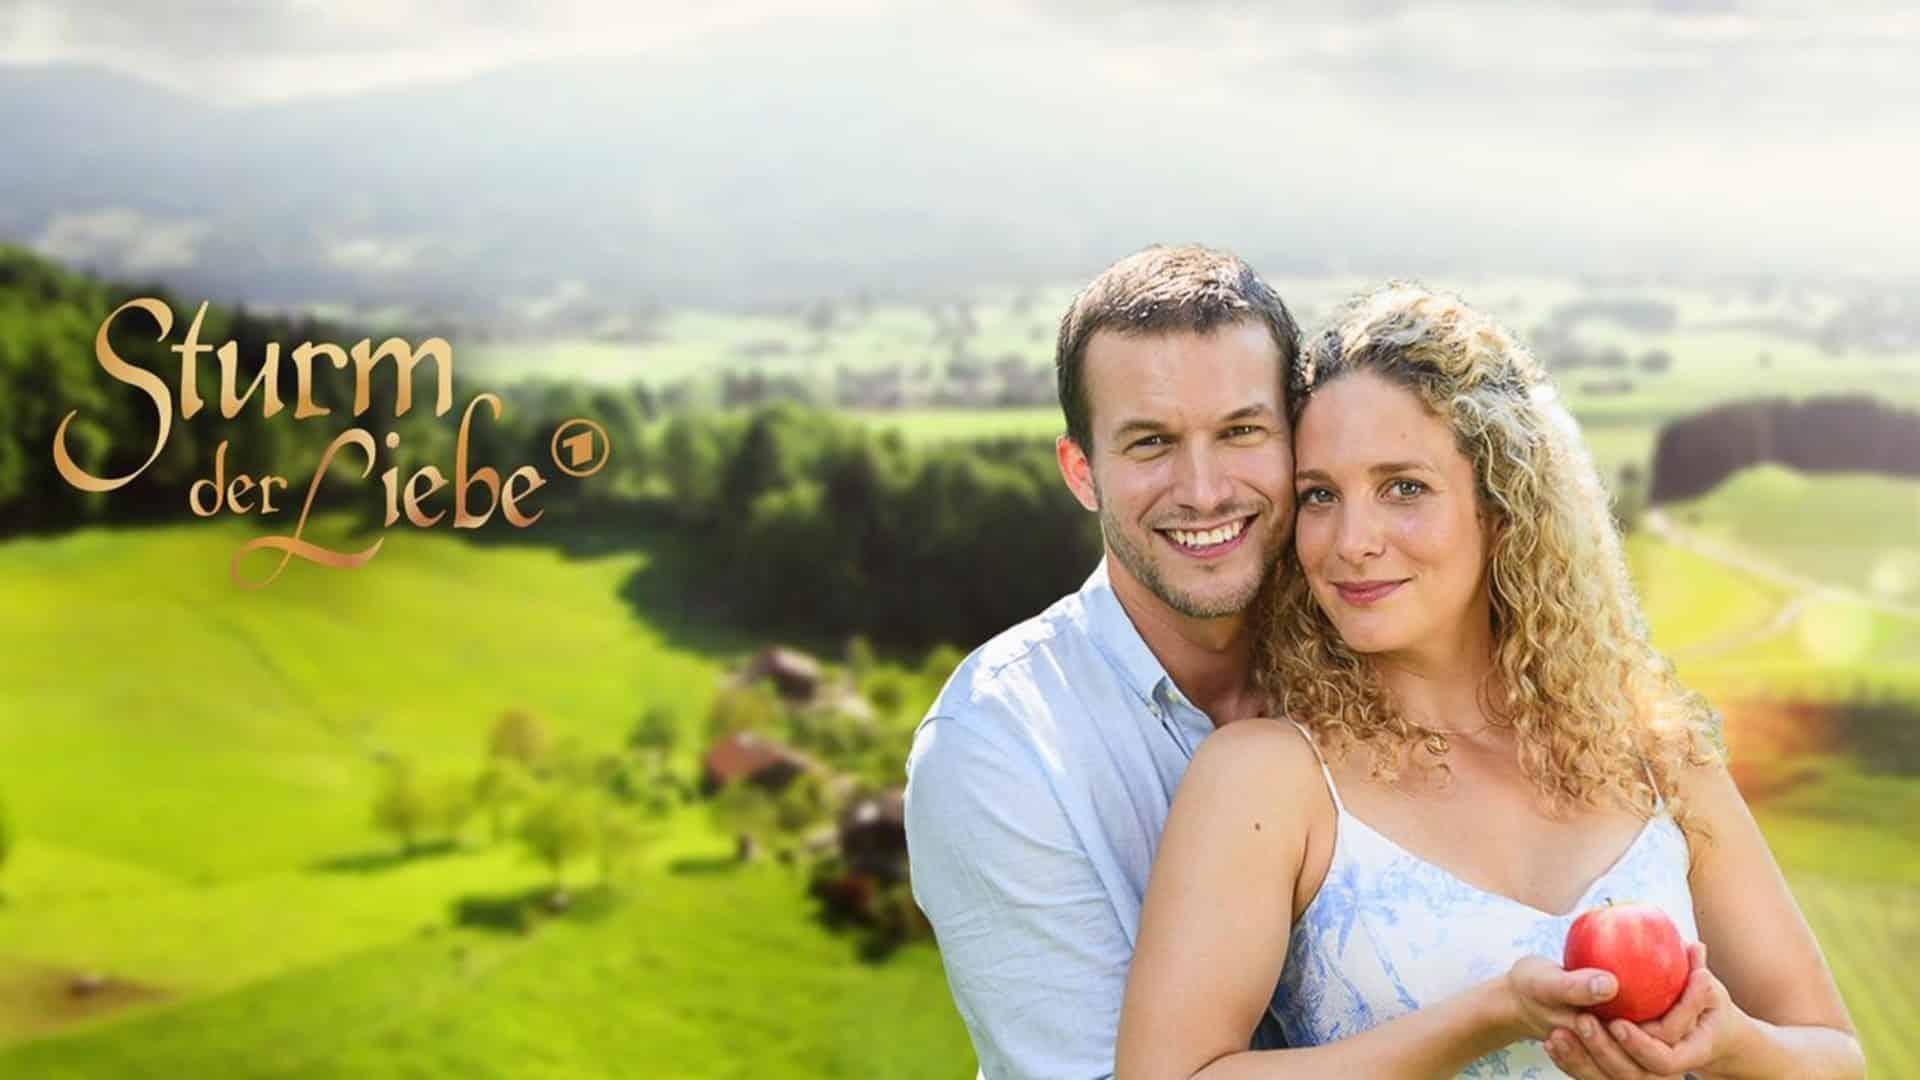 Sturm Der Liebe 6 Wochenvorschau